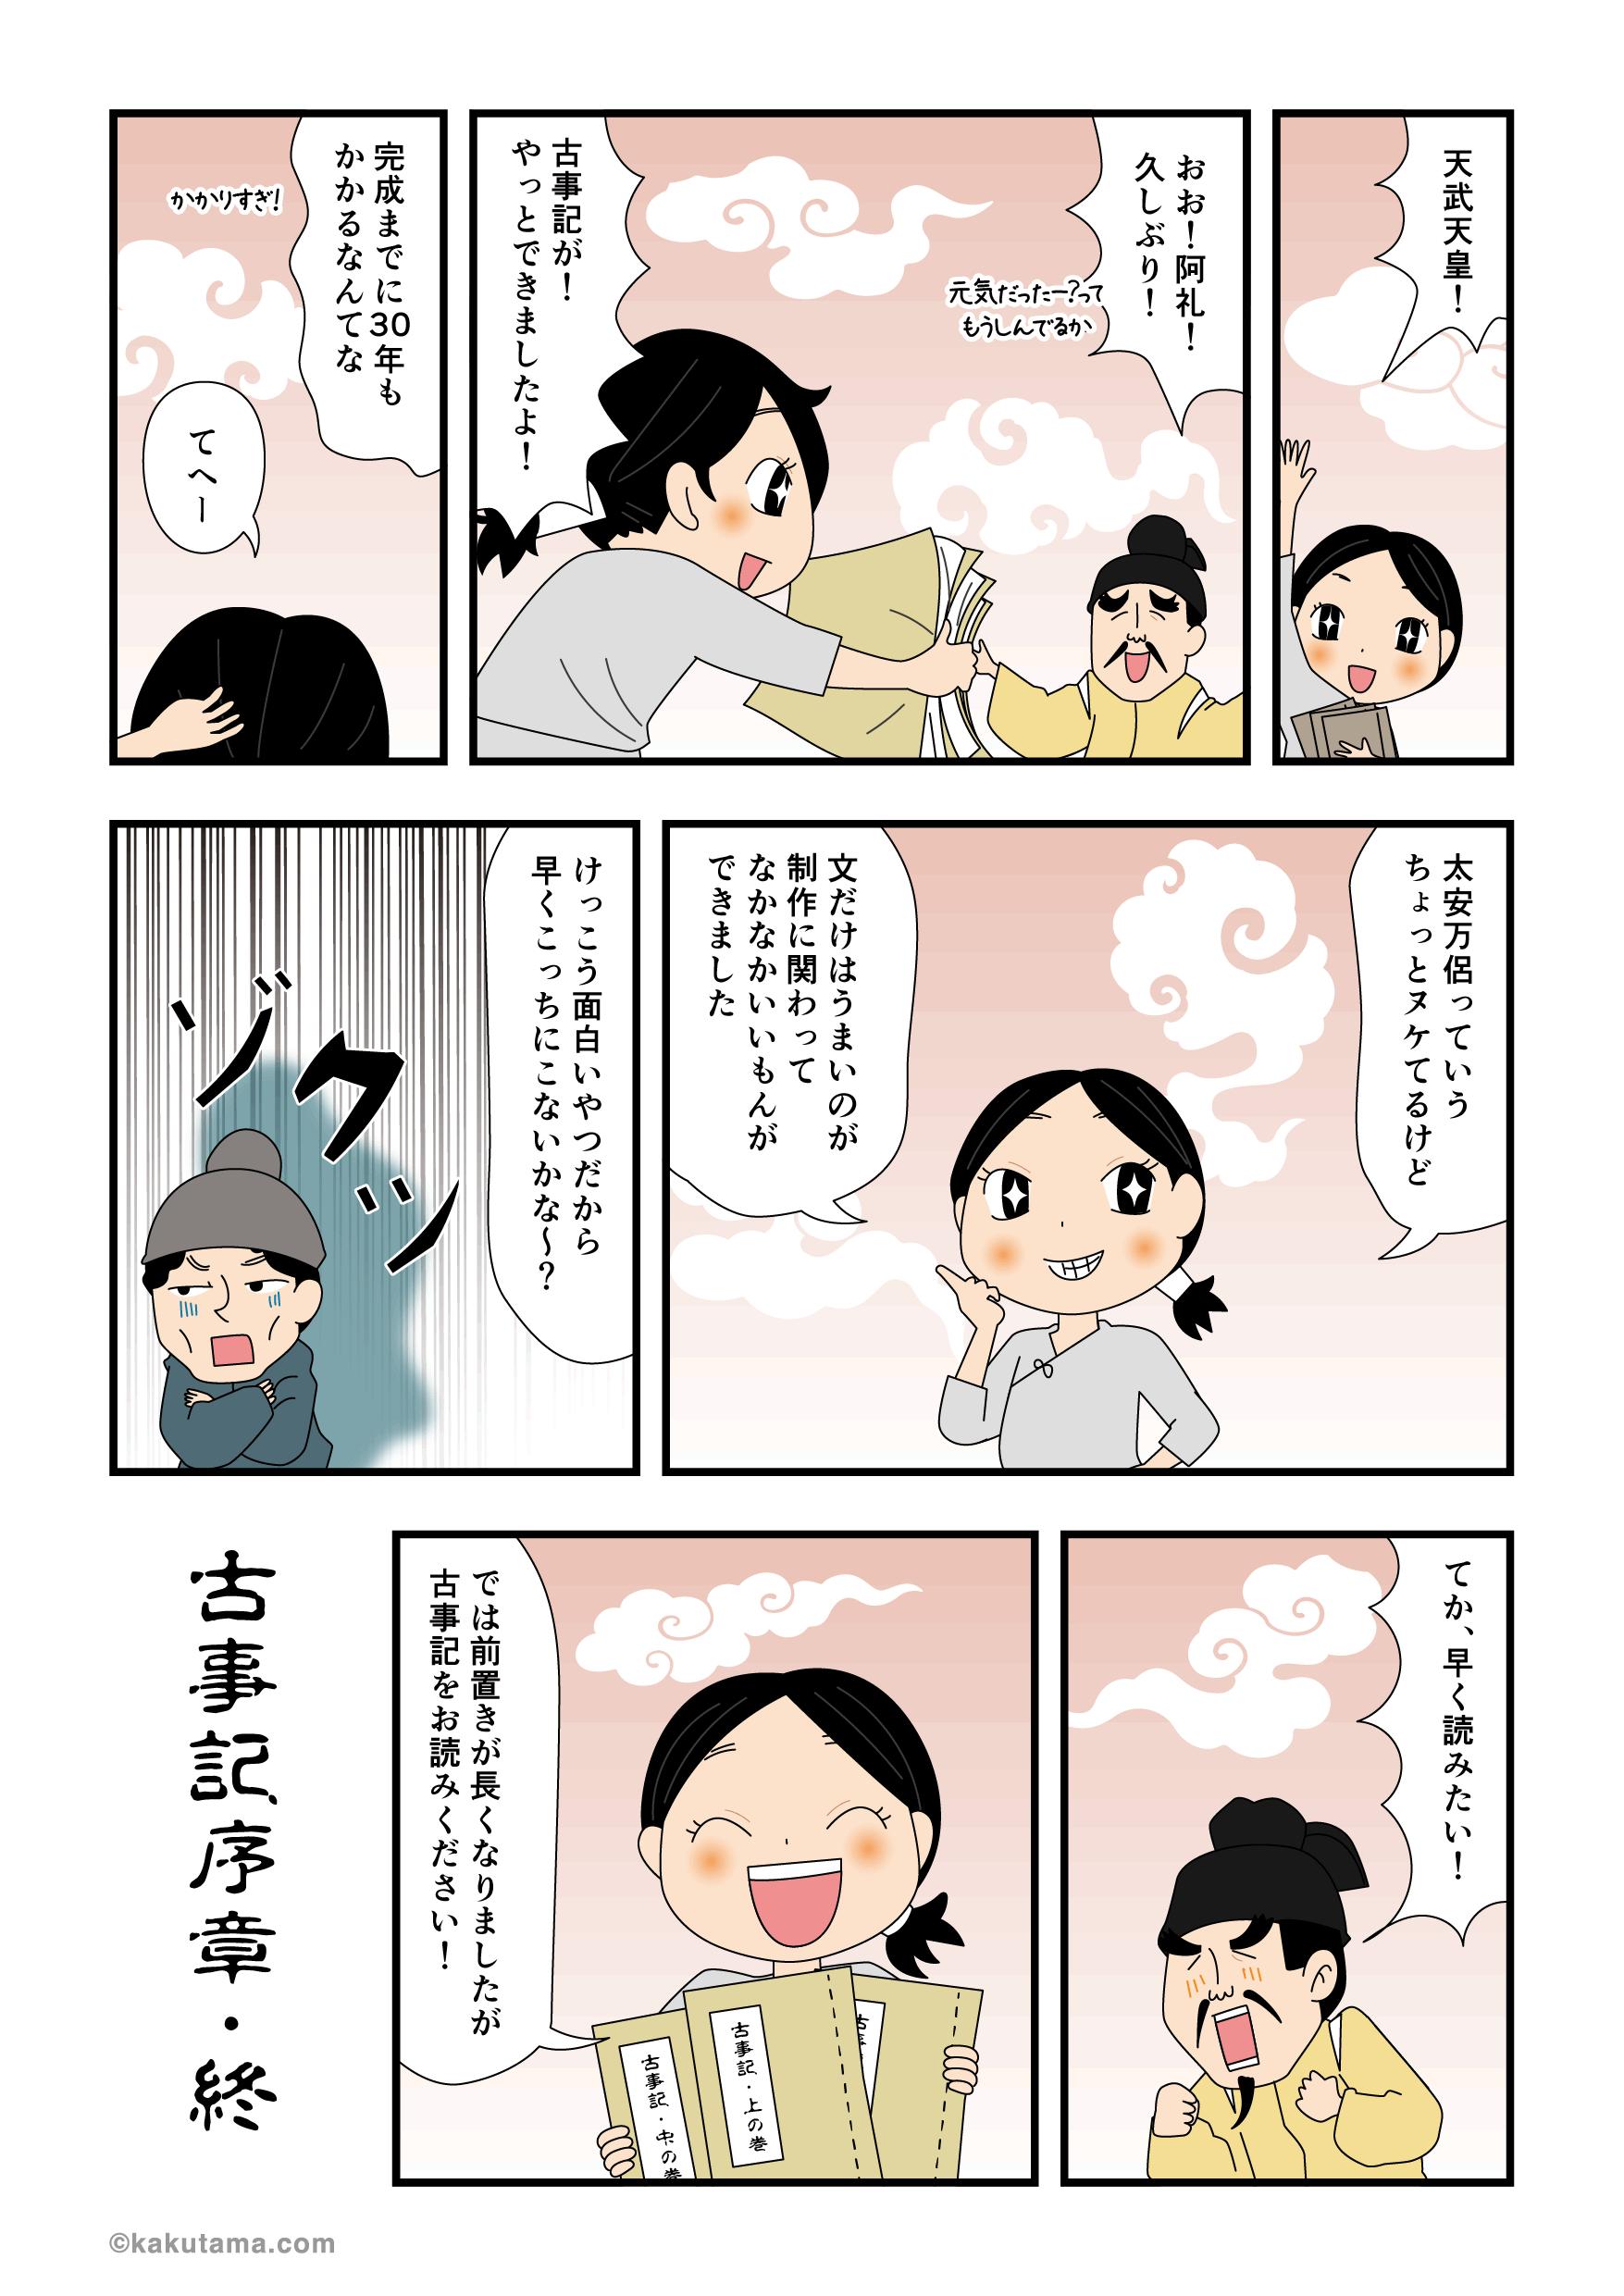 あの世で天武天皇に古事記を披露している稗田阿礼の漫画